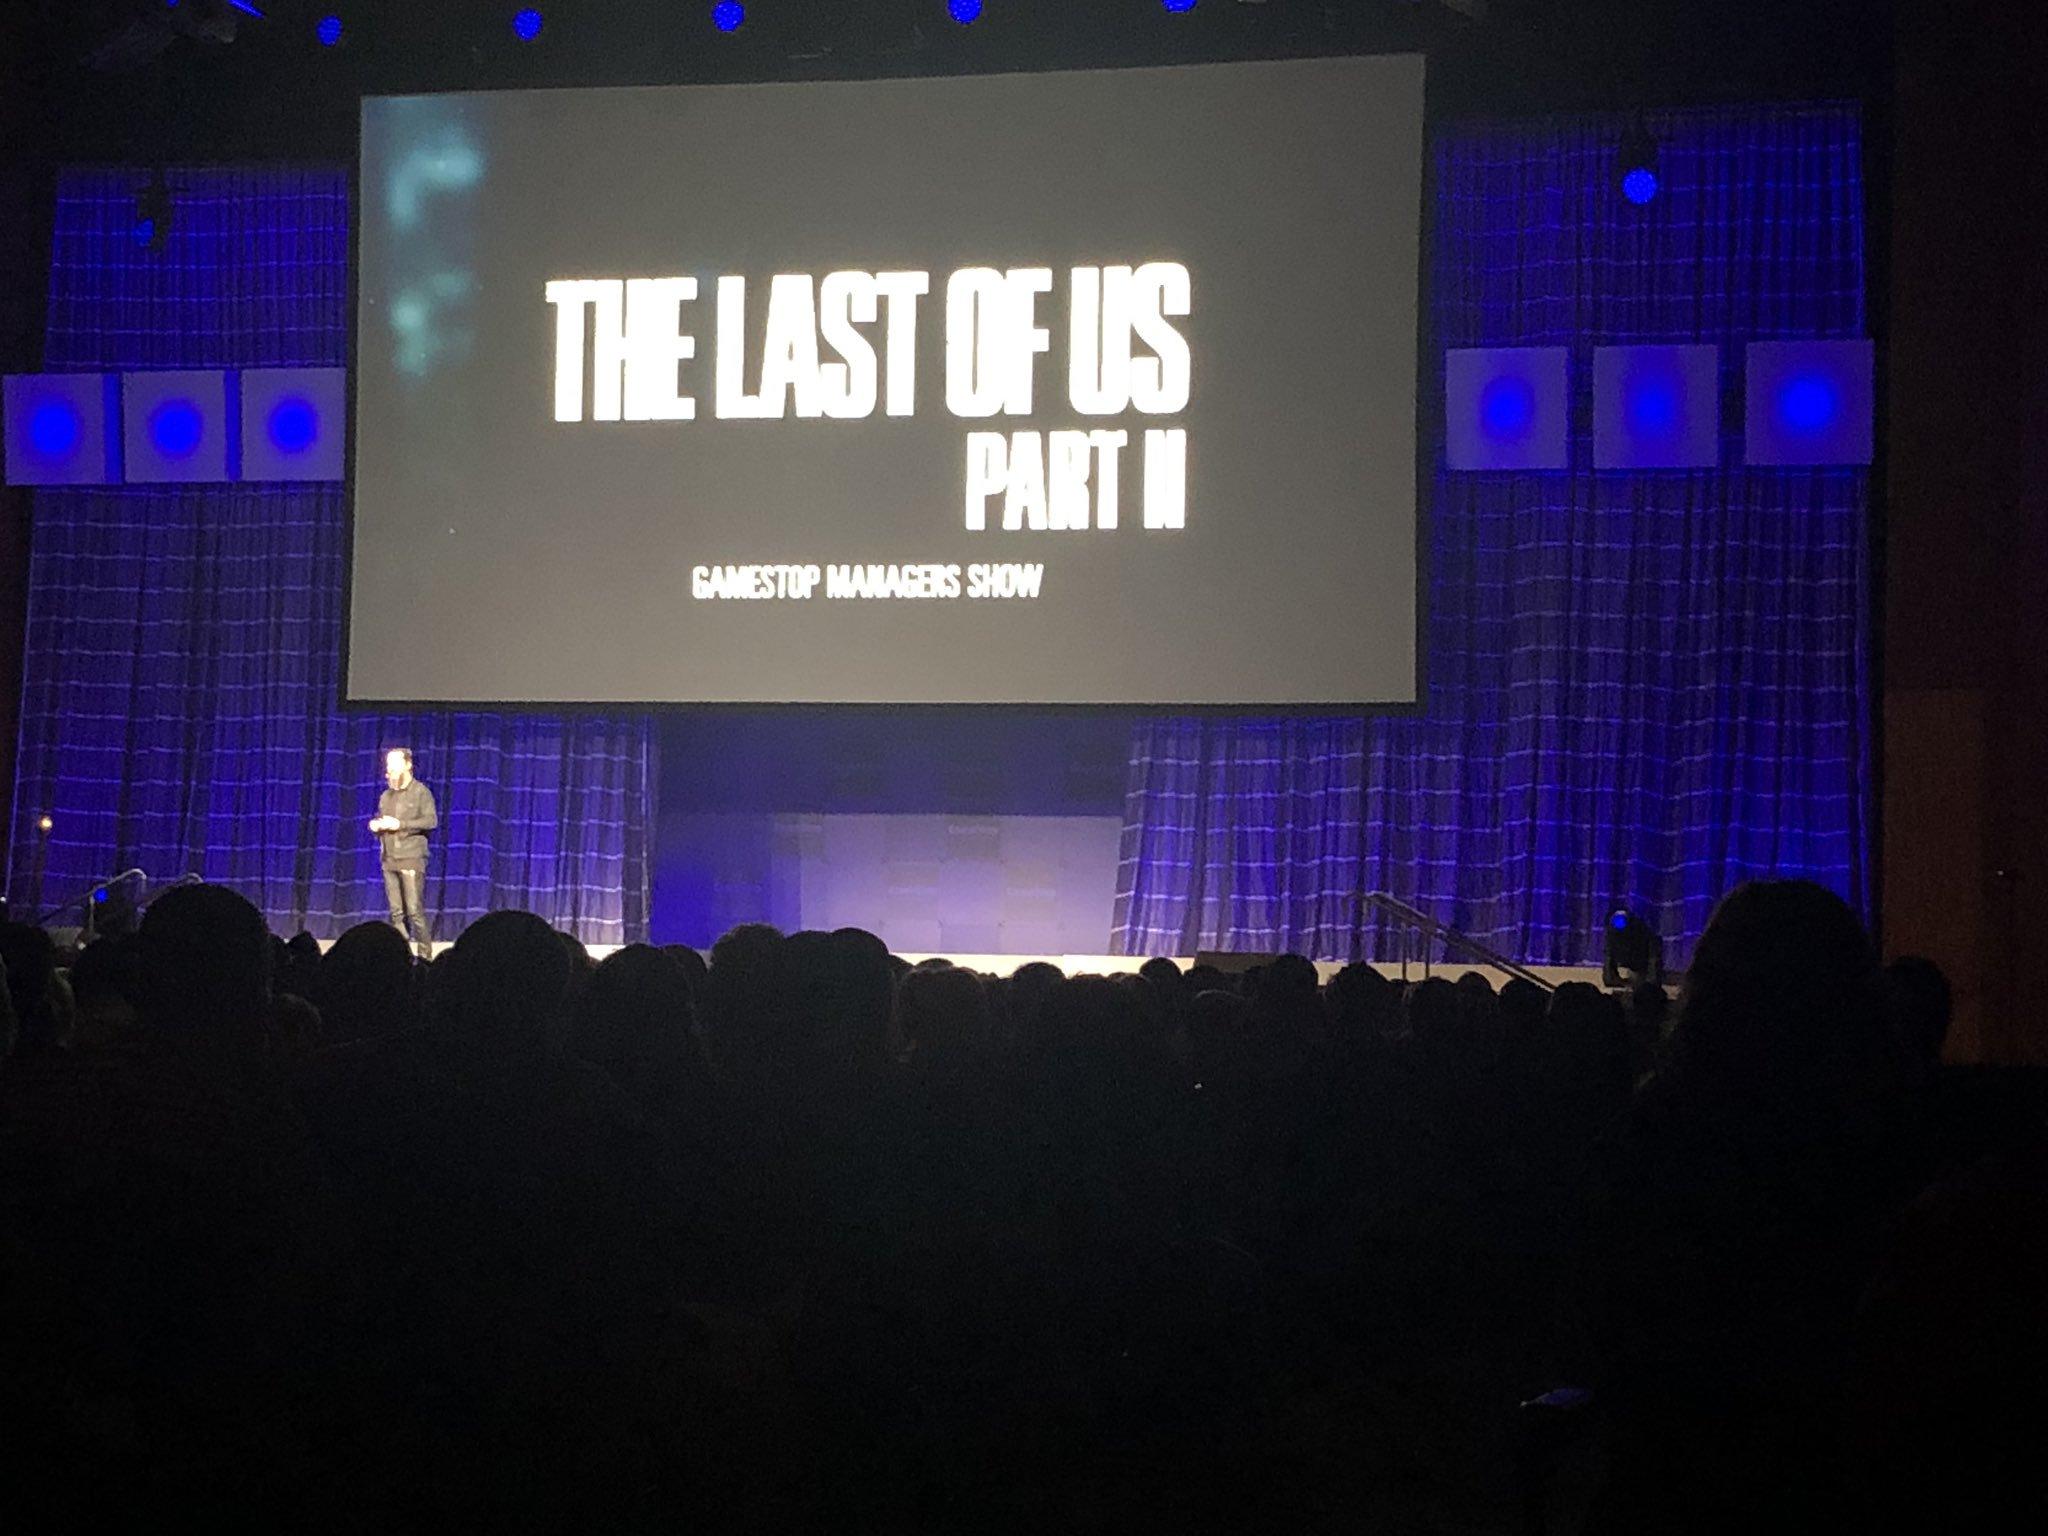 《最后的生还者2》秘密公开新演示 乔尔可能将登场